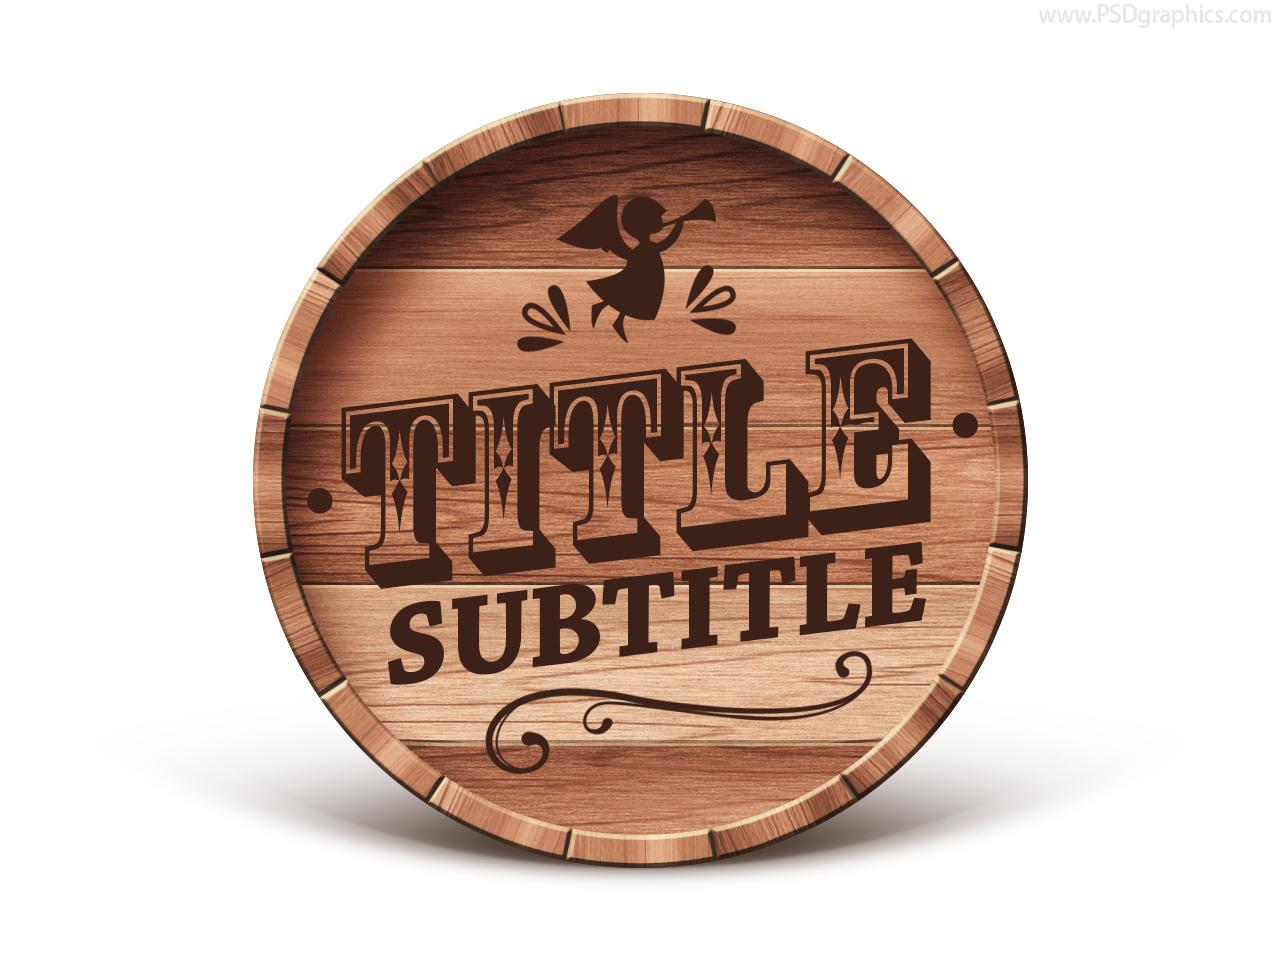 wooden barrel emblem psd template psdgraphics